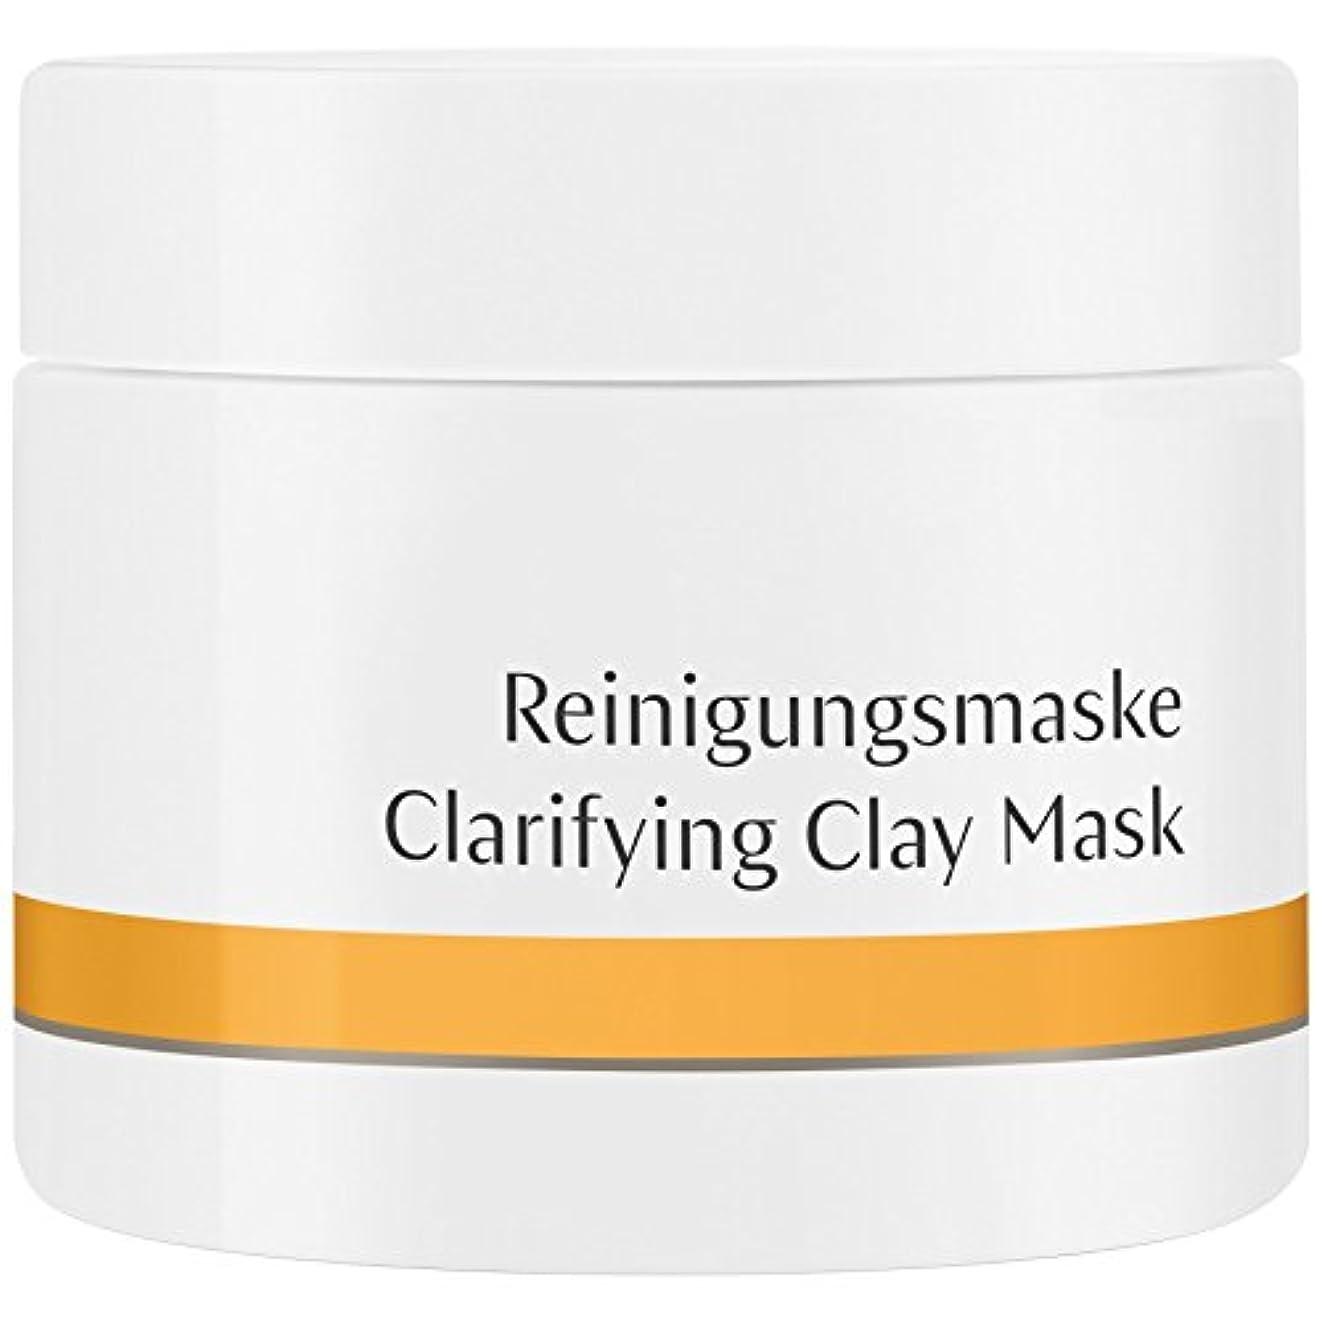 抑圧者優越どちらか[Dr Hauschka] Drハウシュカ明確化クレイマスク90グラム - Dr Hauschka Clarifying Clay Mask 90g [並行輸入品]